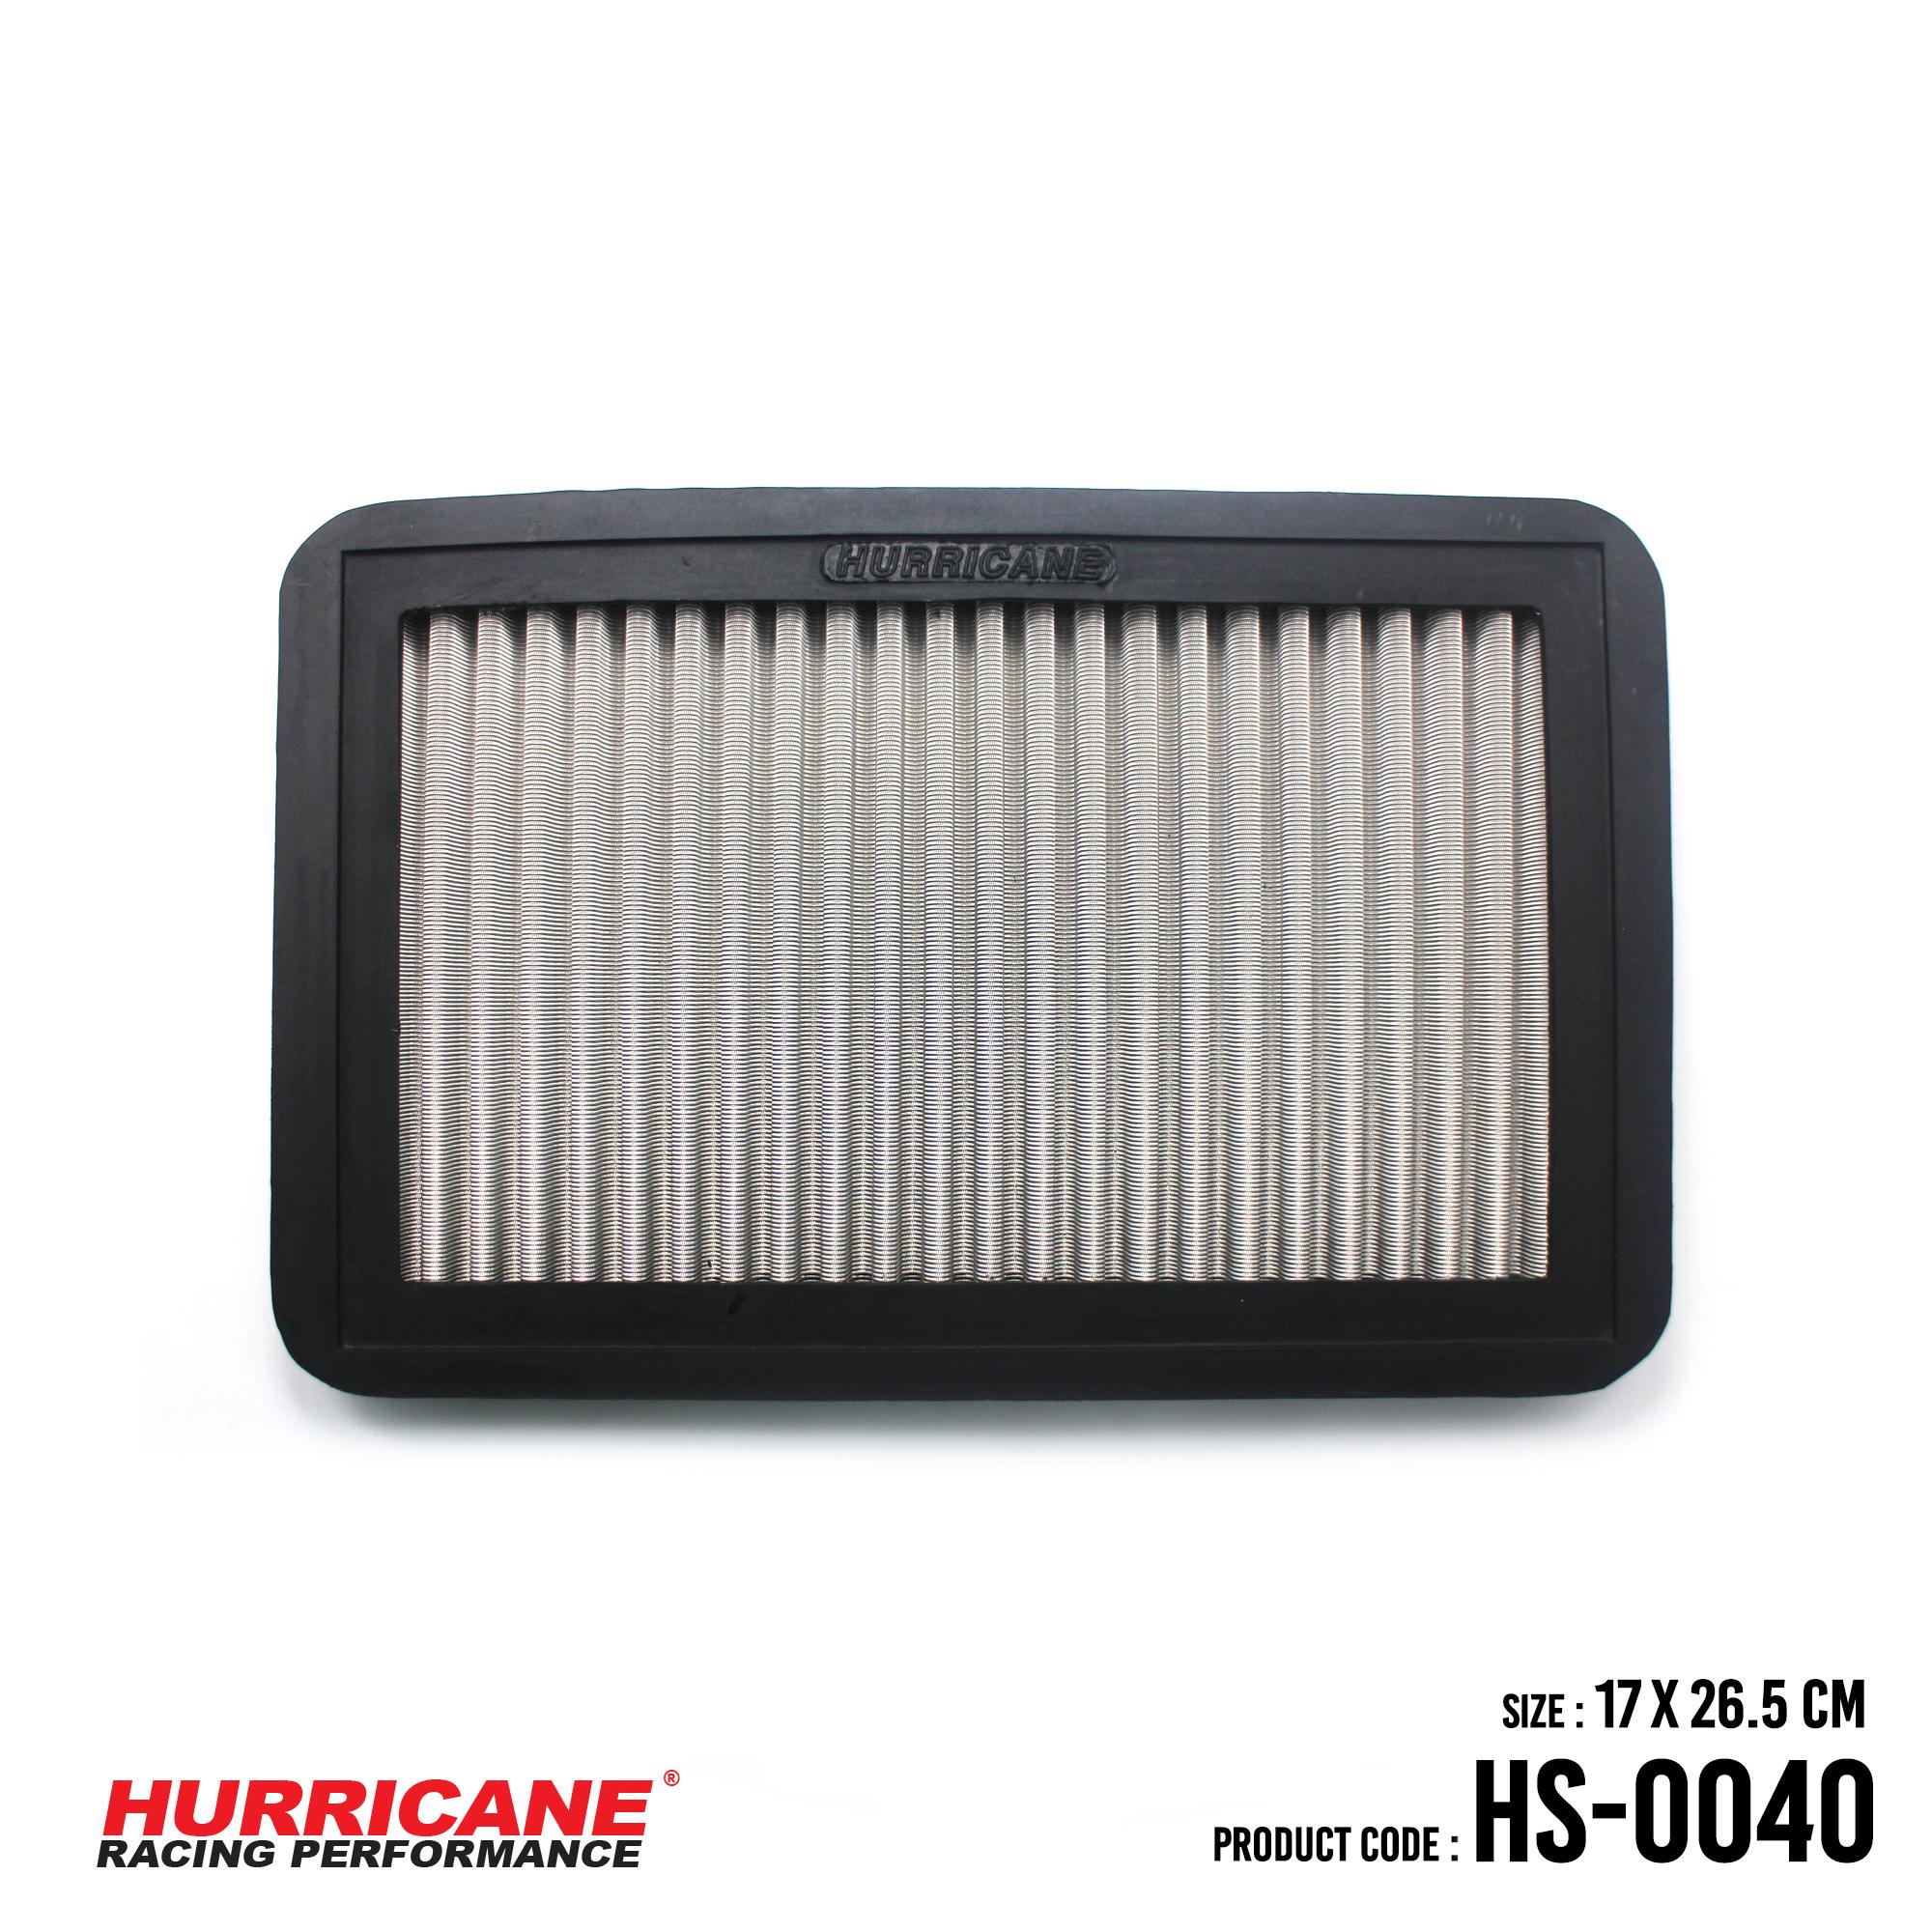 HURRICANE STAINLESS STEEL AIR FILTER FOR HS-0040 ChevroletGeoMazdaToyota